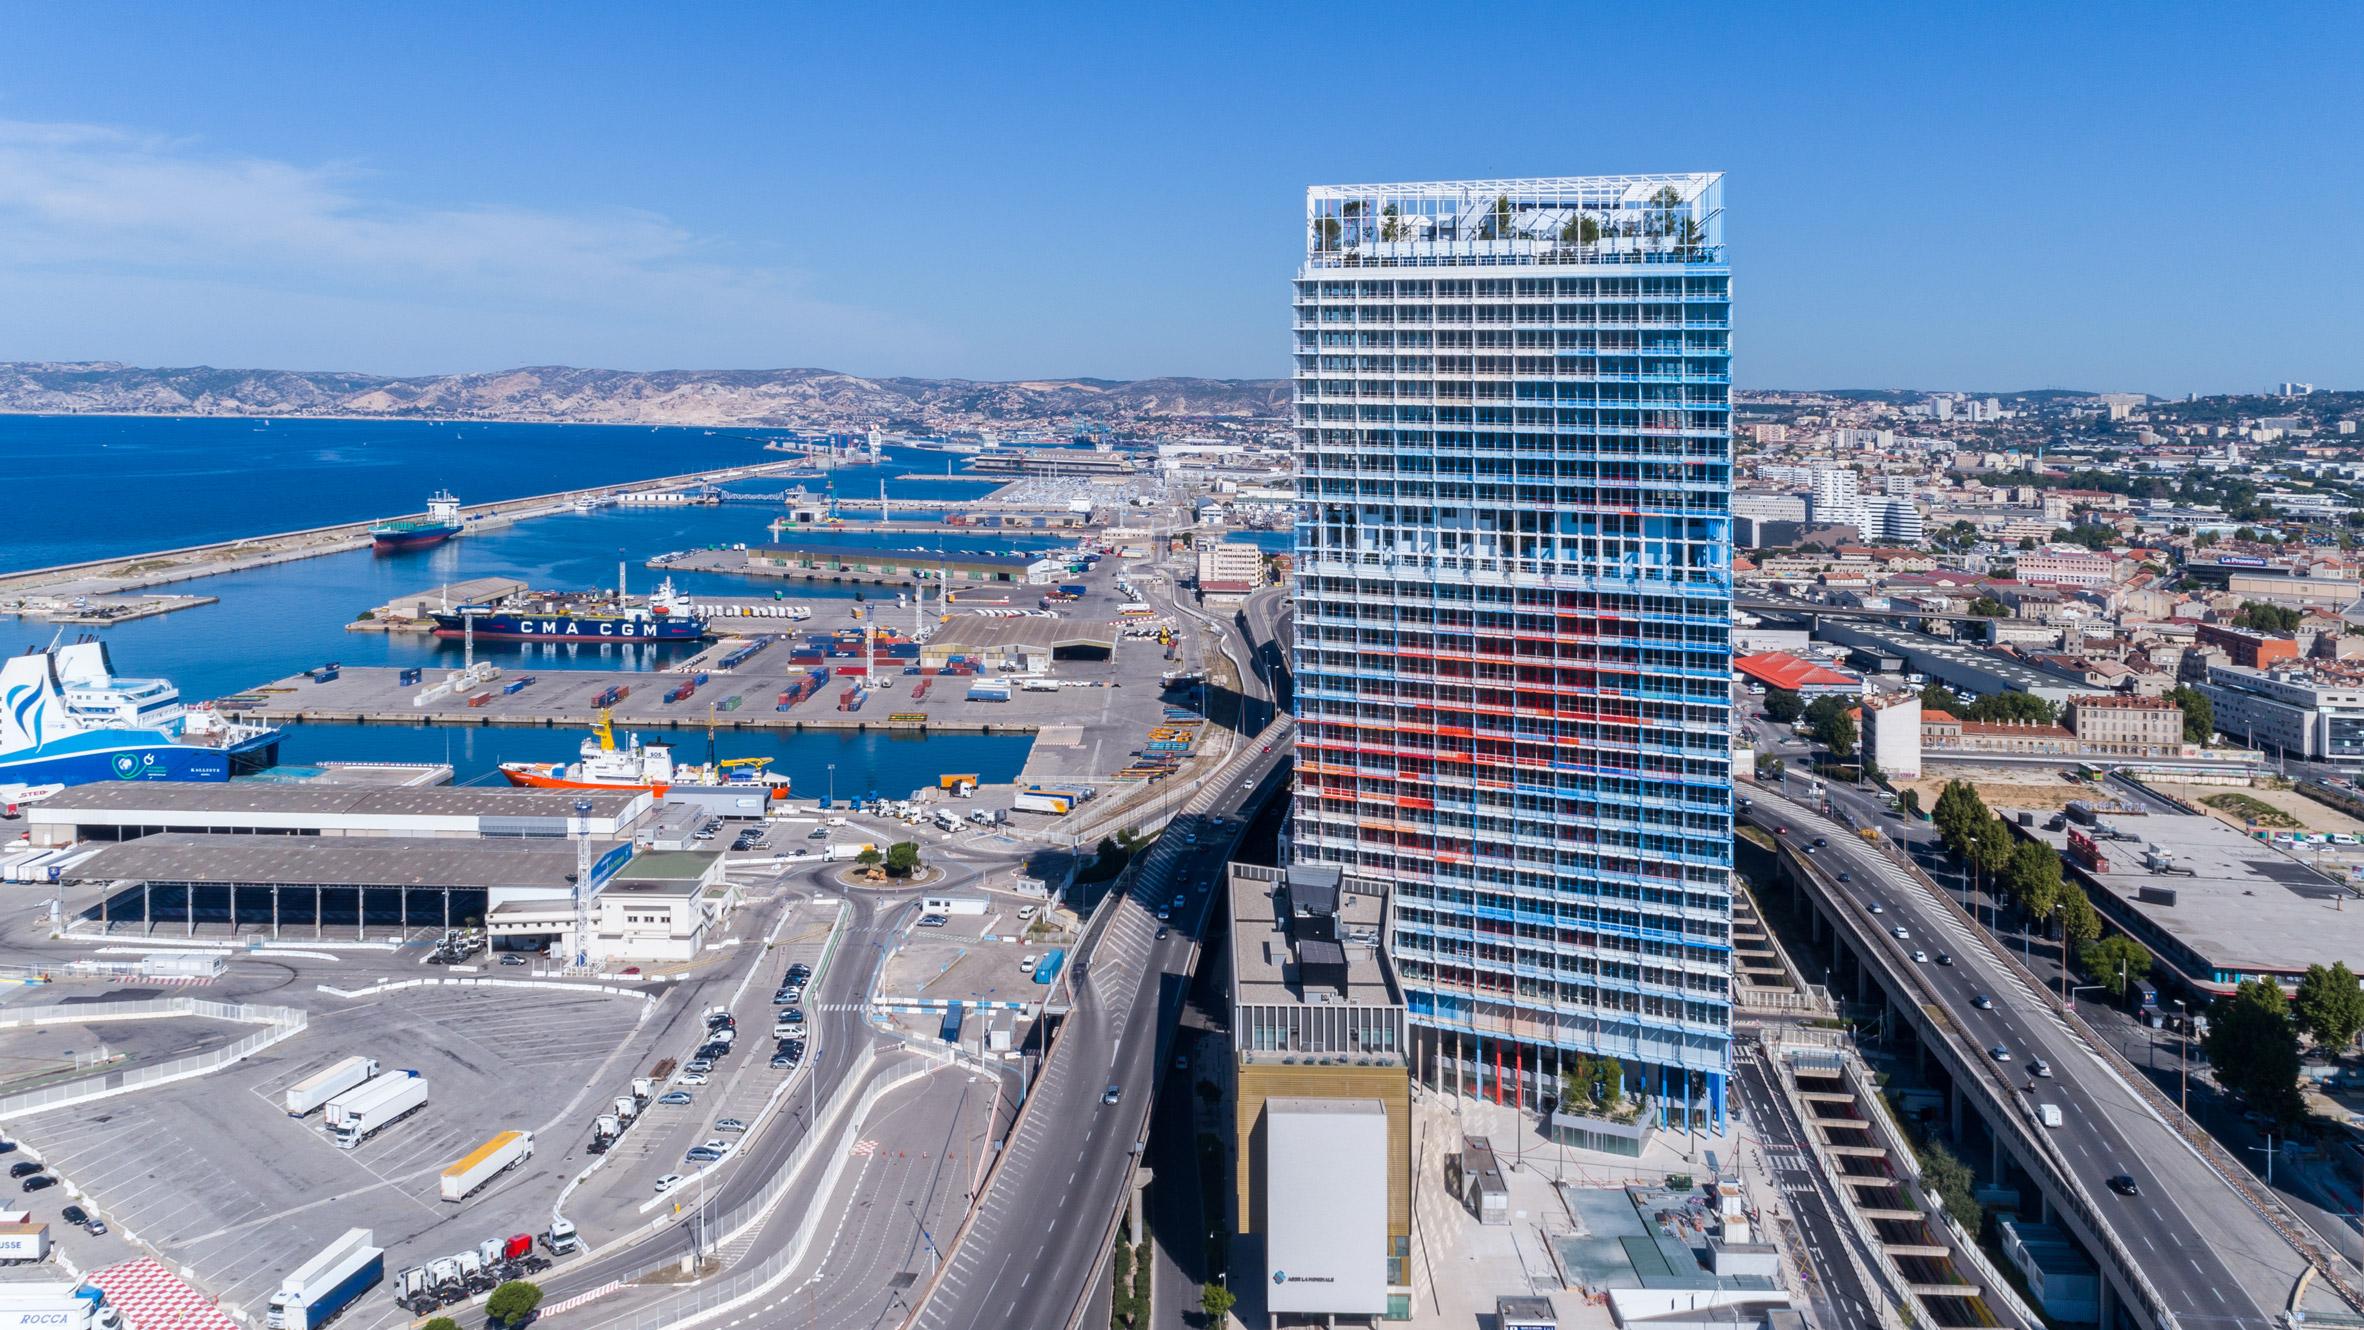 Jean nouvel completes red white and blue skyscraper la marseillaise